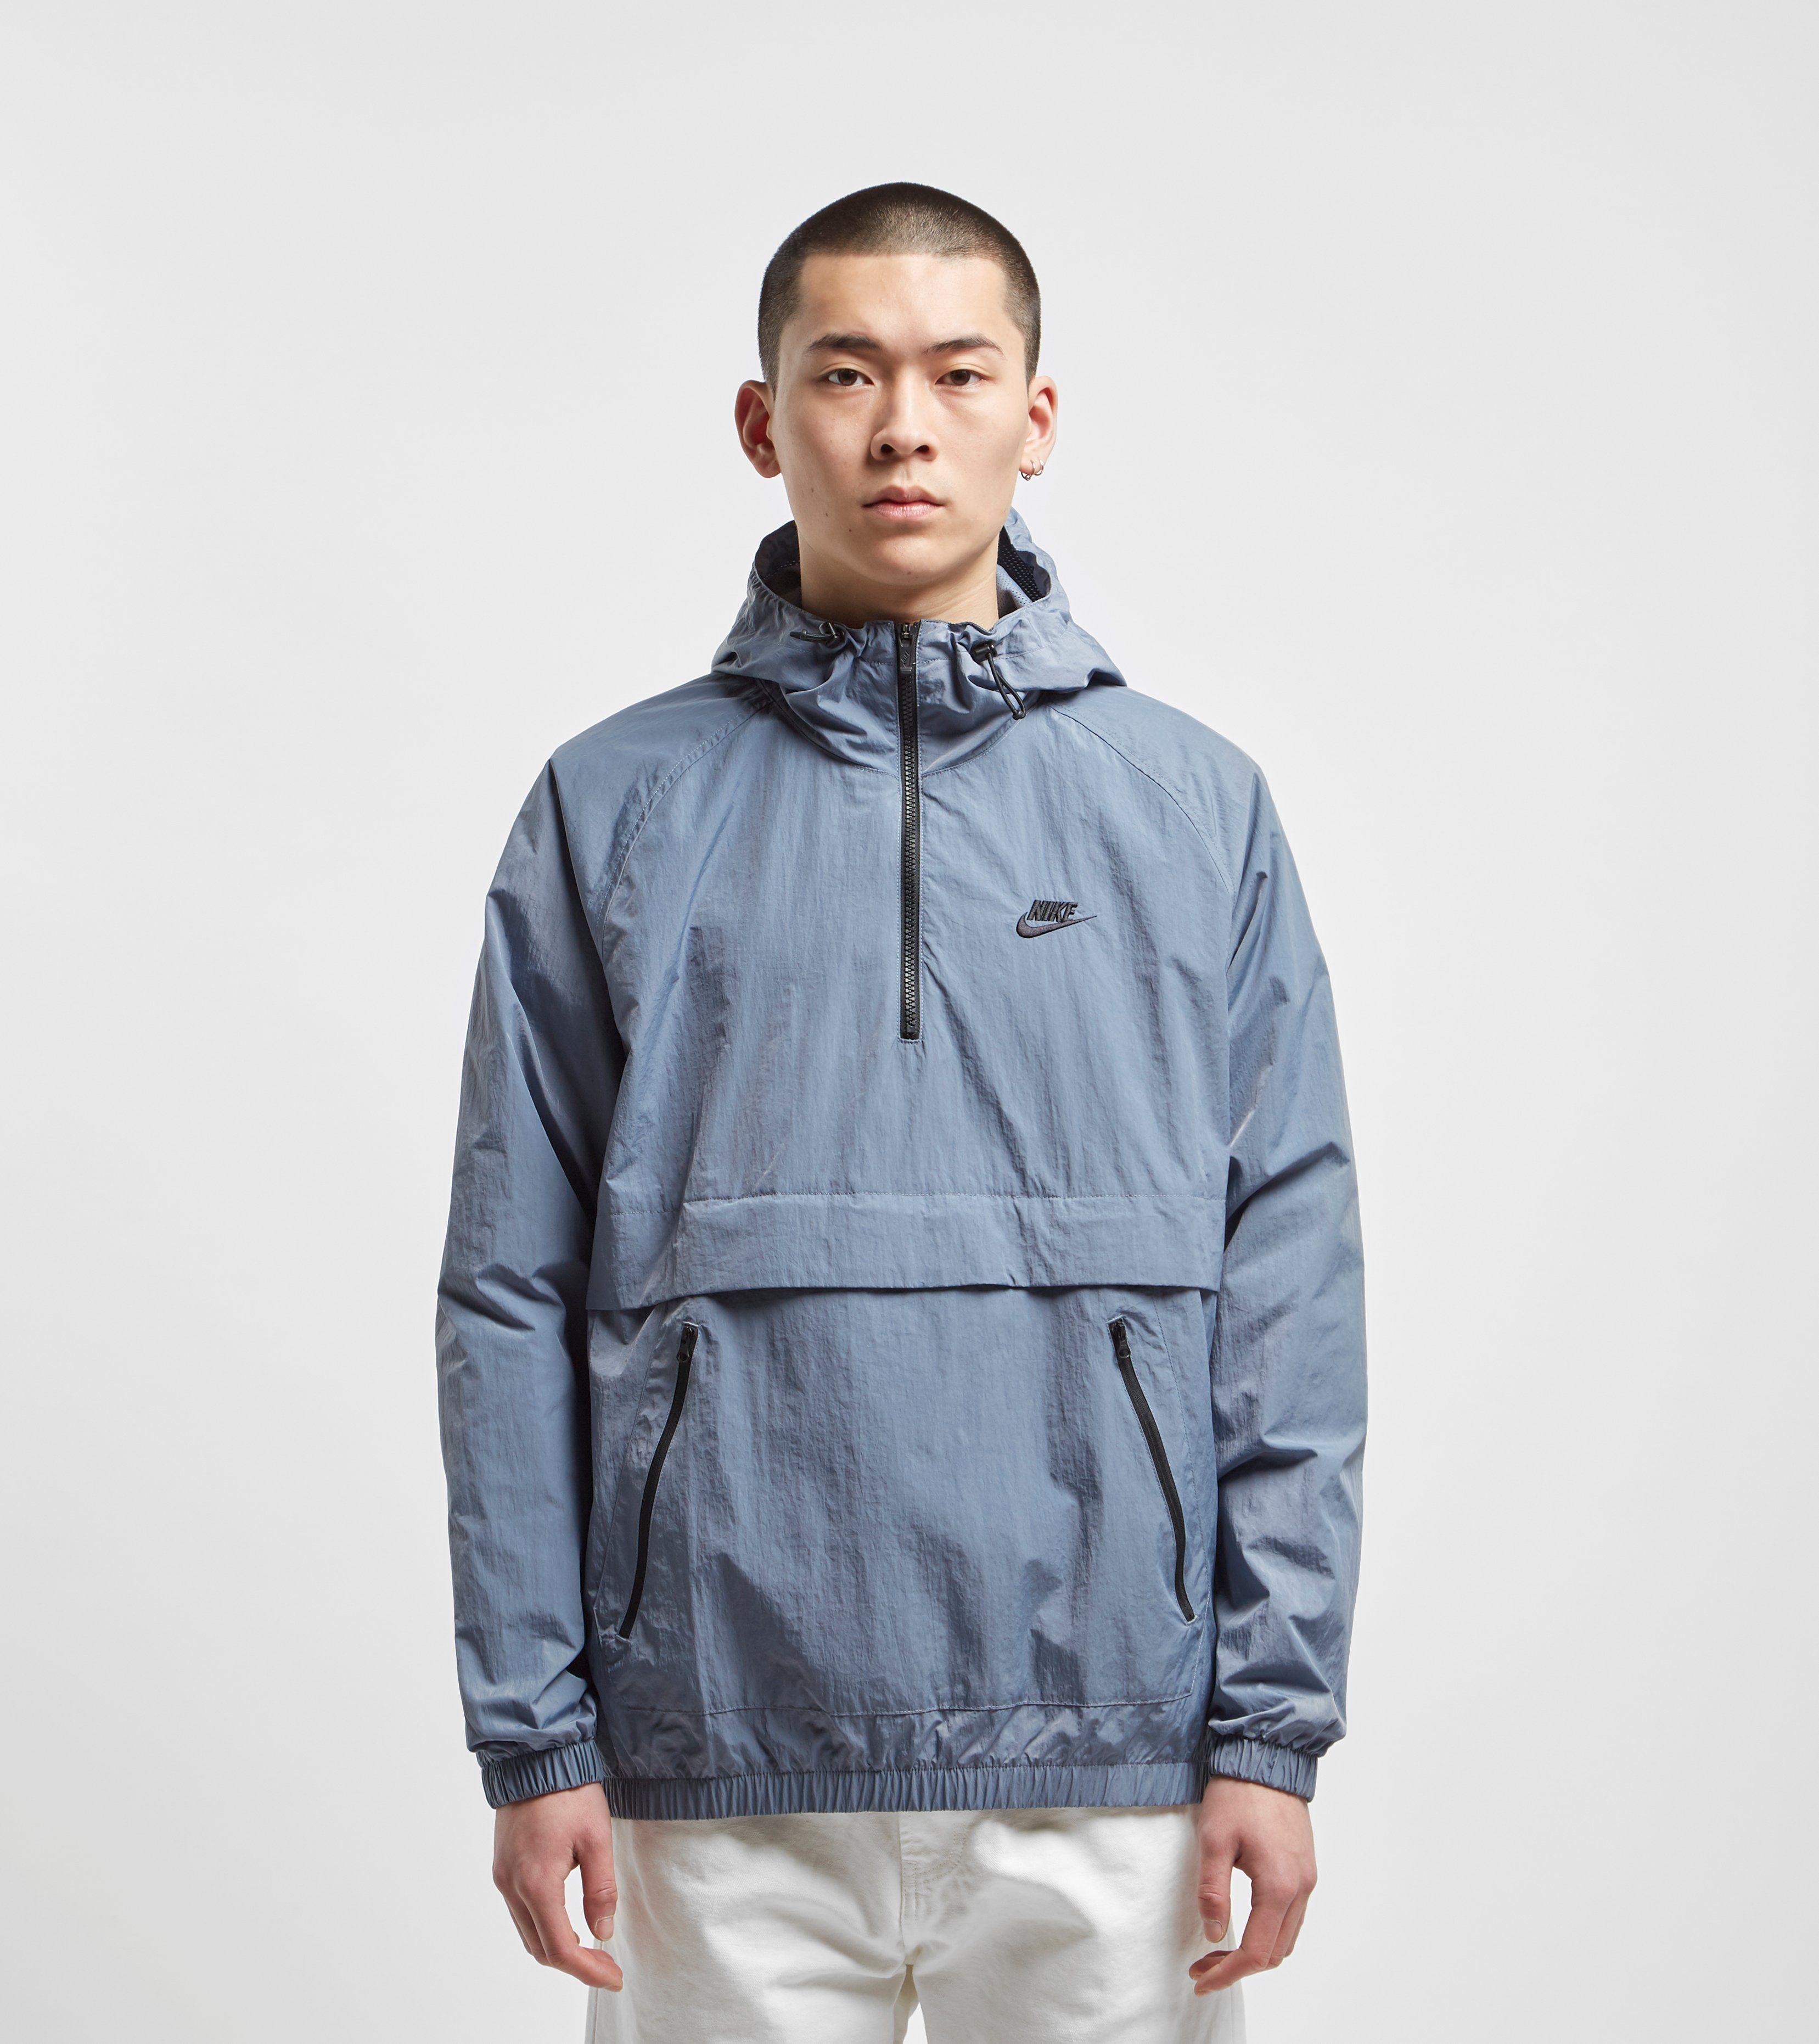 Nike Woven 1/4 Zip Anorak Jacket